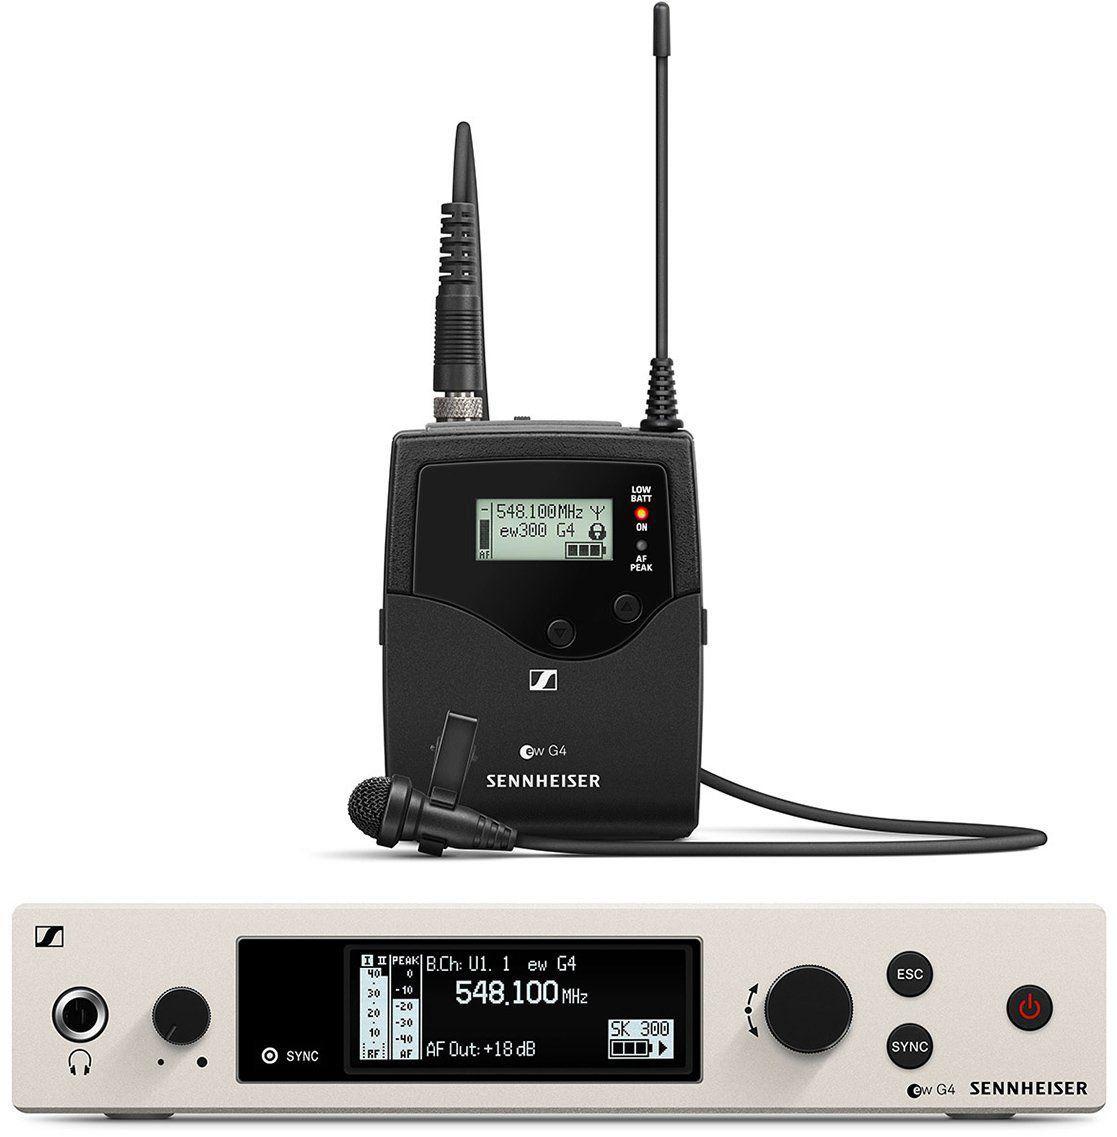 Sennheiser EW 300 G4 ME2 RC Seistema sem fio EW 300 G4-ME2-RC com microfone de lapela